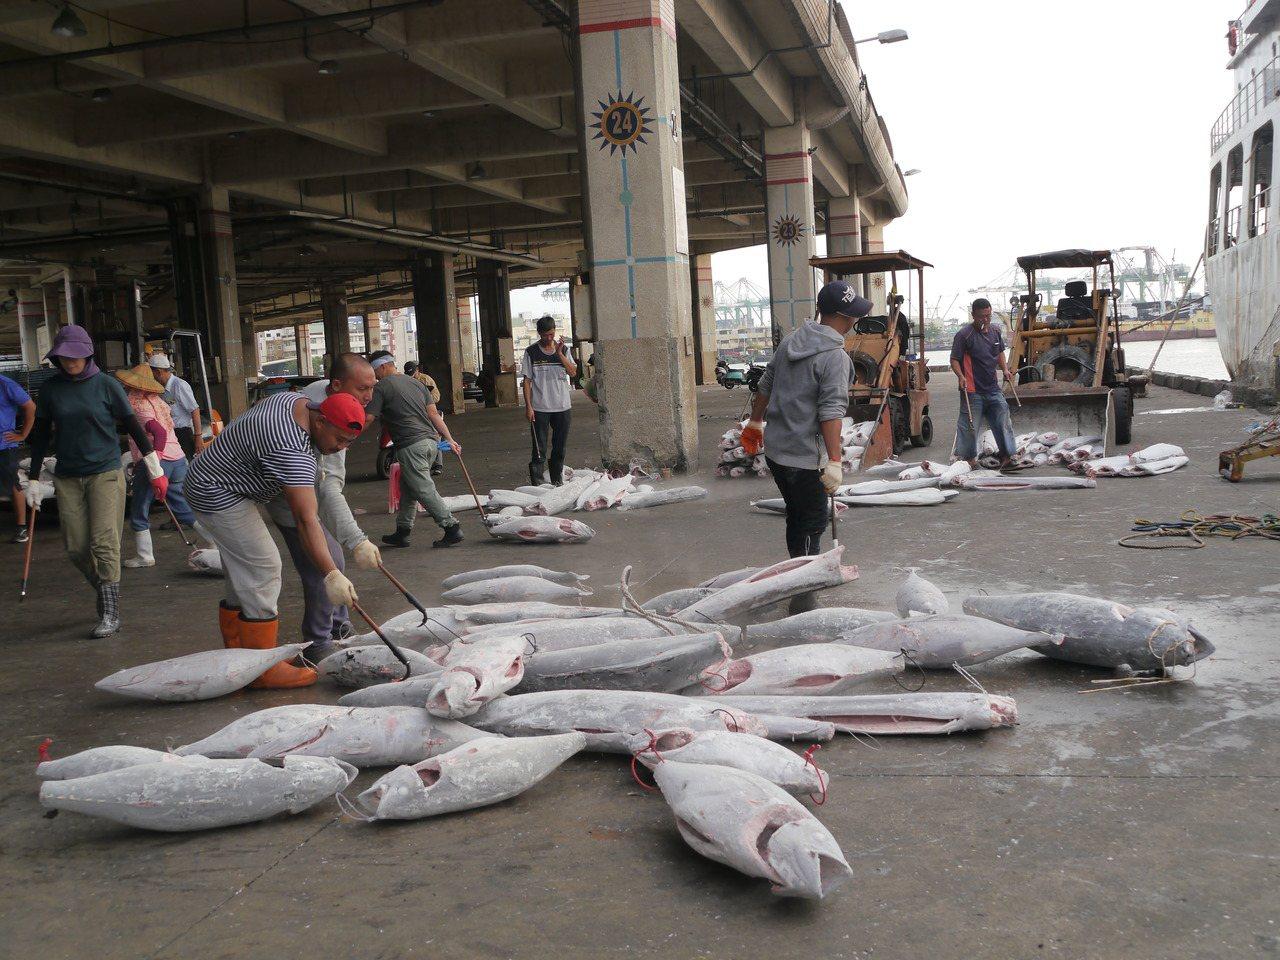 高雄是遠洋漁業重要基地,遠洋漁船返回前鎮漁港,漁工們正在搬運冷凍鮪魚。記者徐白櫻...